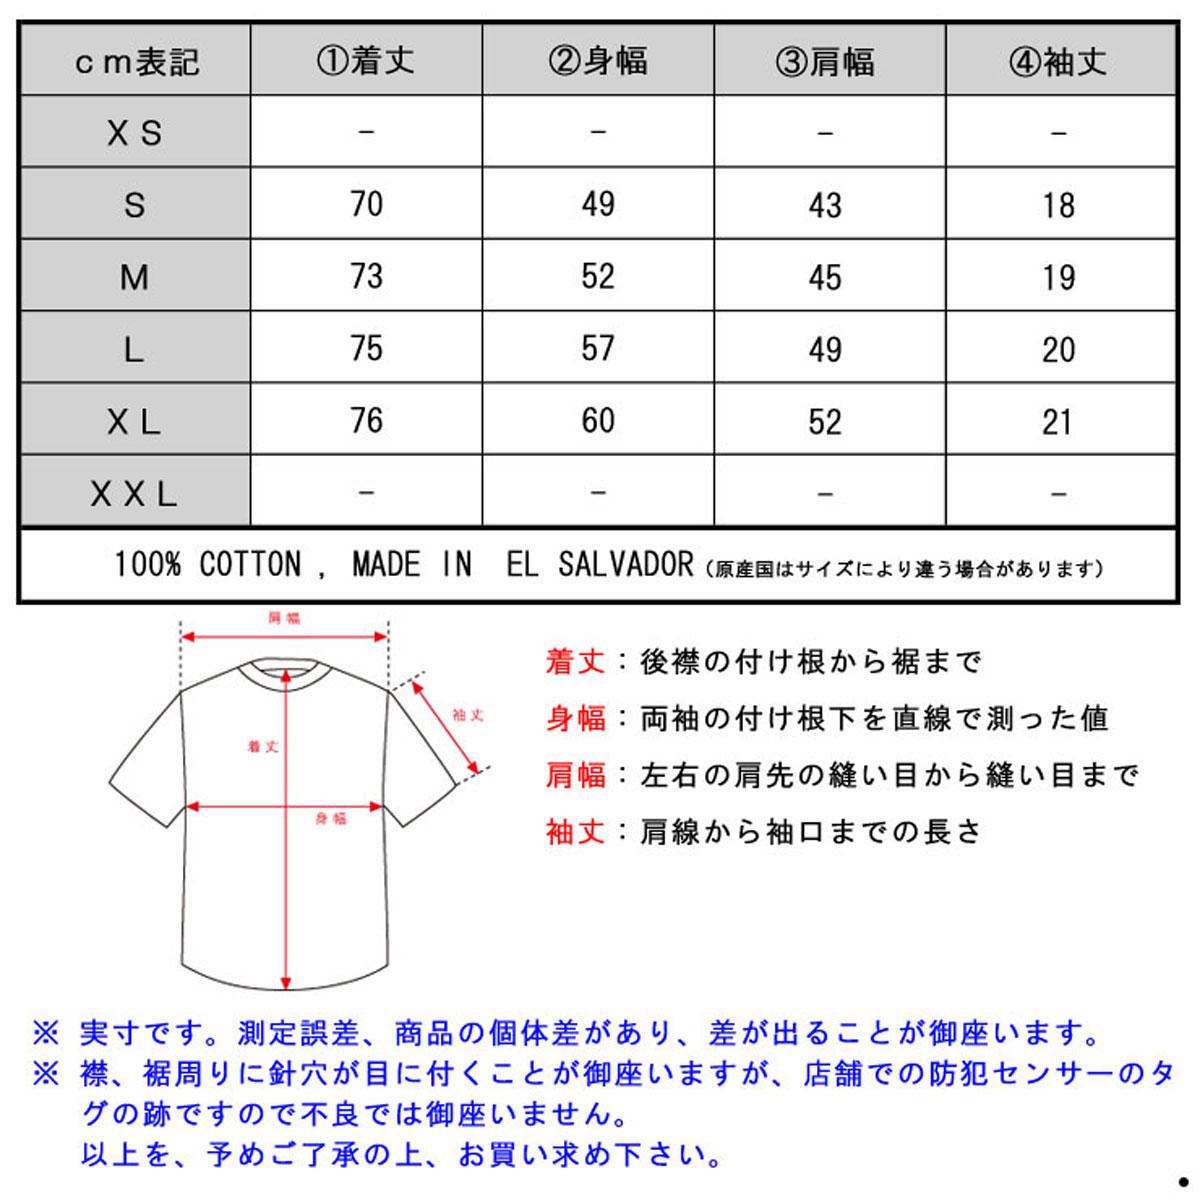 フルーツオブザルーム FRUIT OF THE LOOM 正規品 クルーネックTシャツ ホワイト A42B B1C C7D D3E E01F